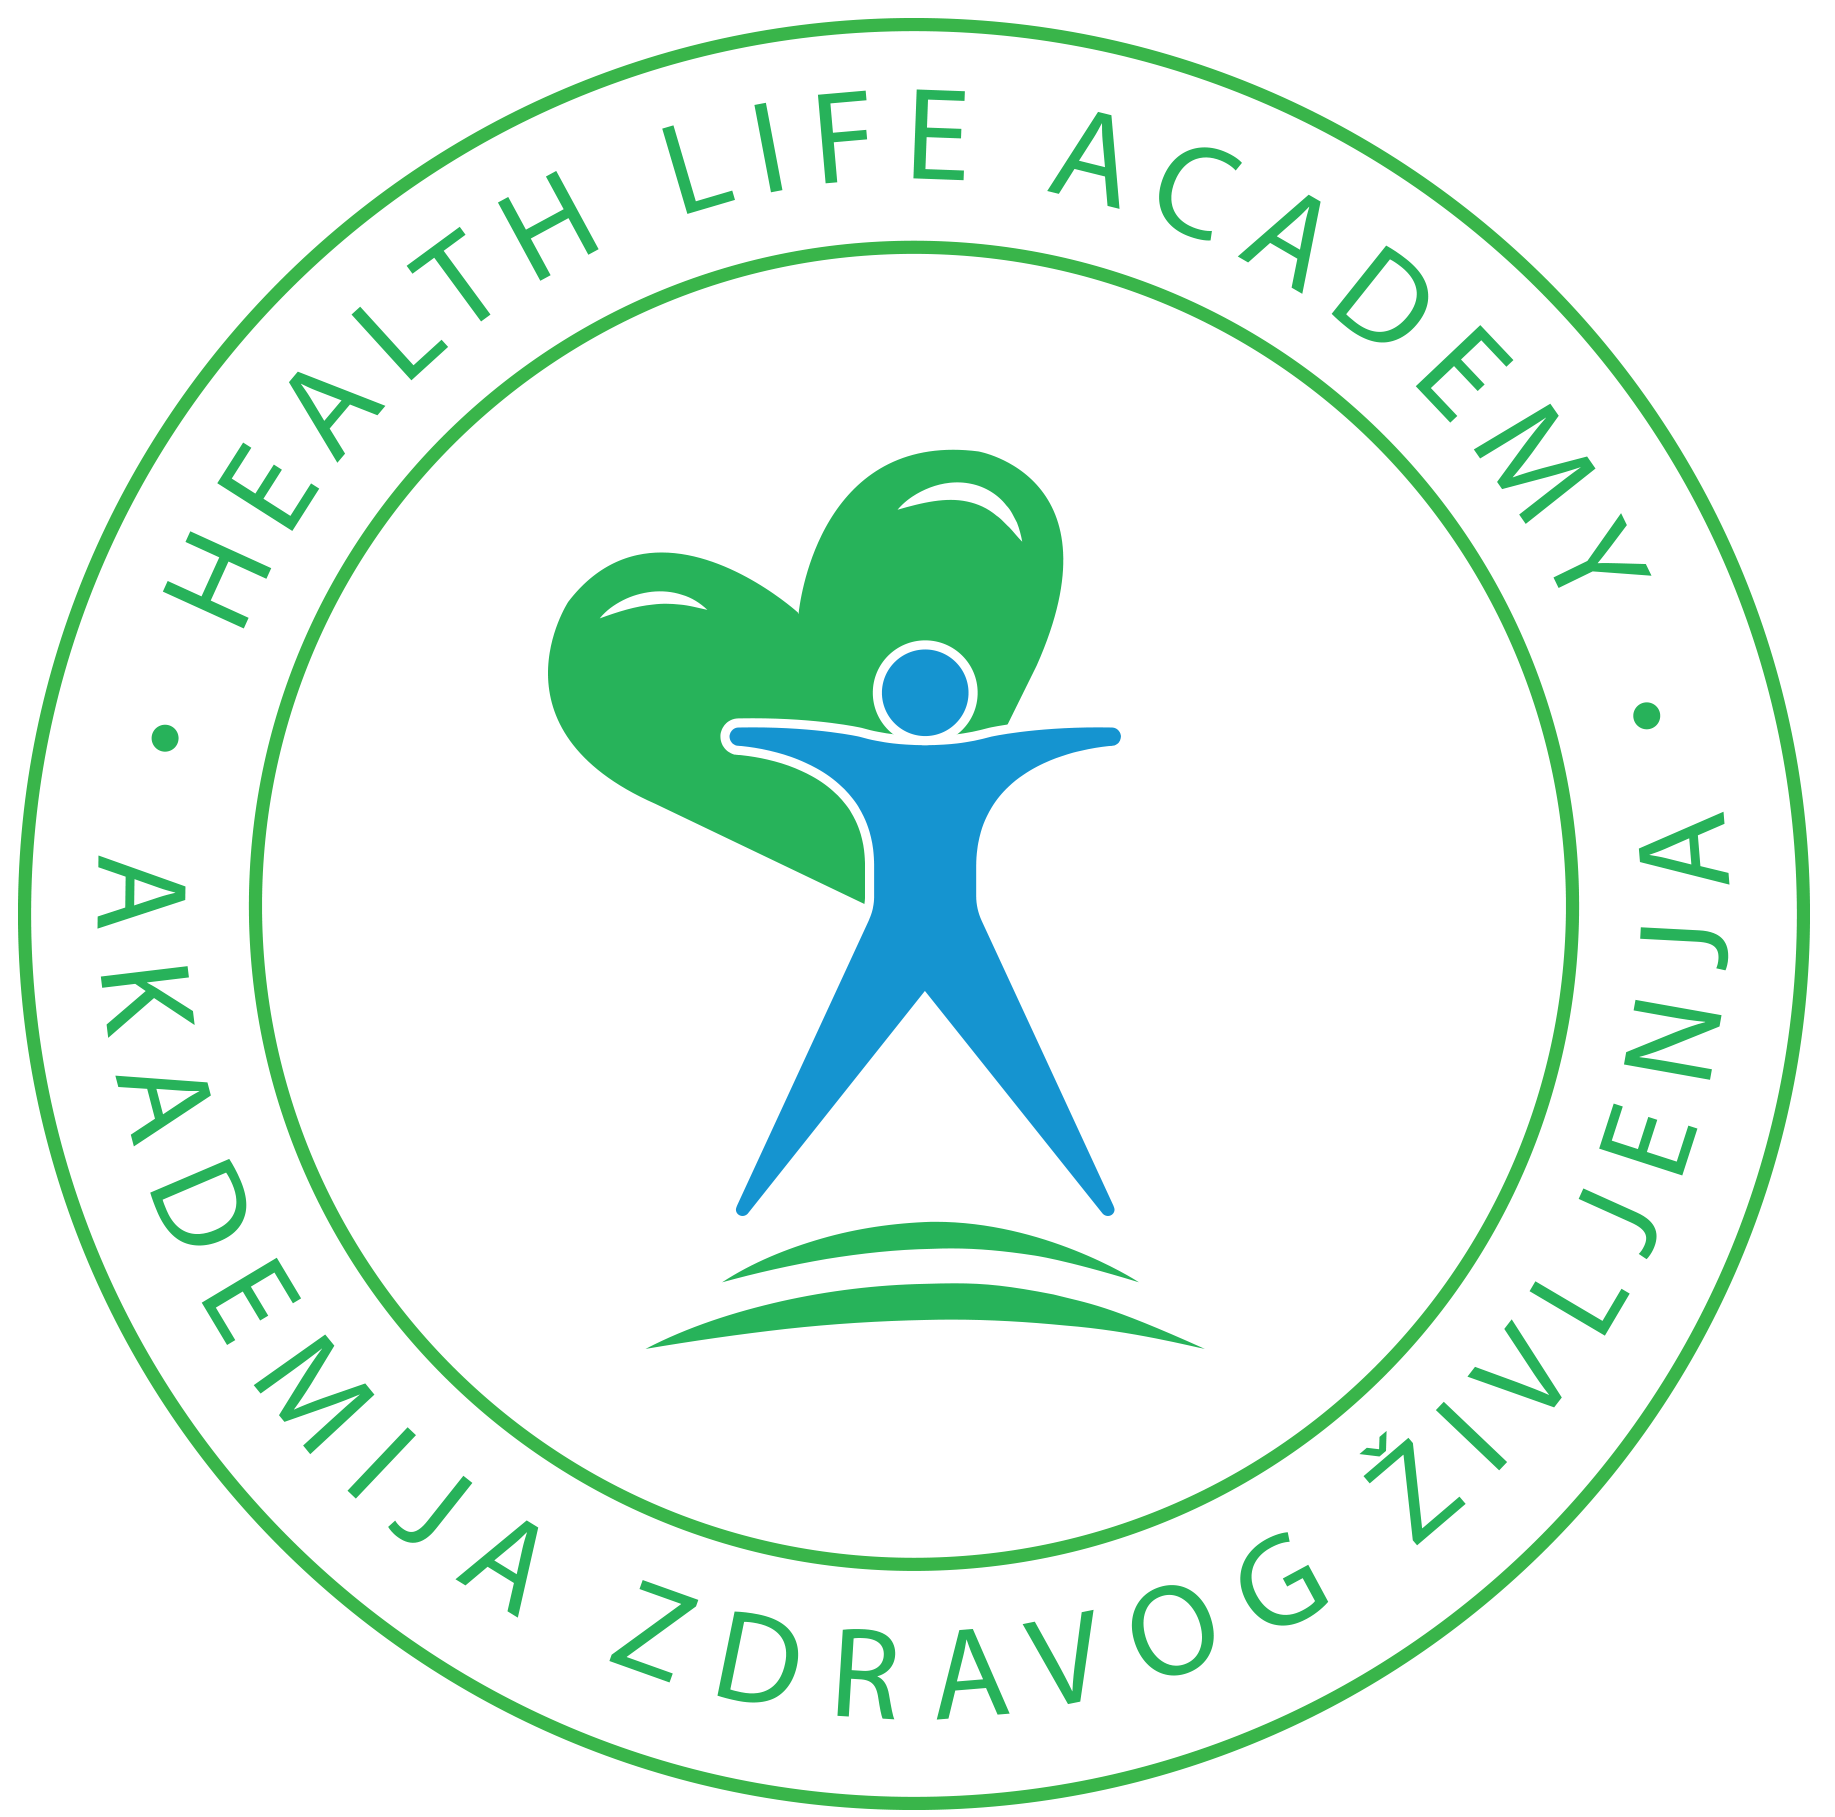 HEALTH LIFE ACADEMY